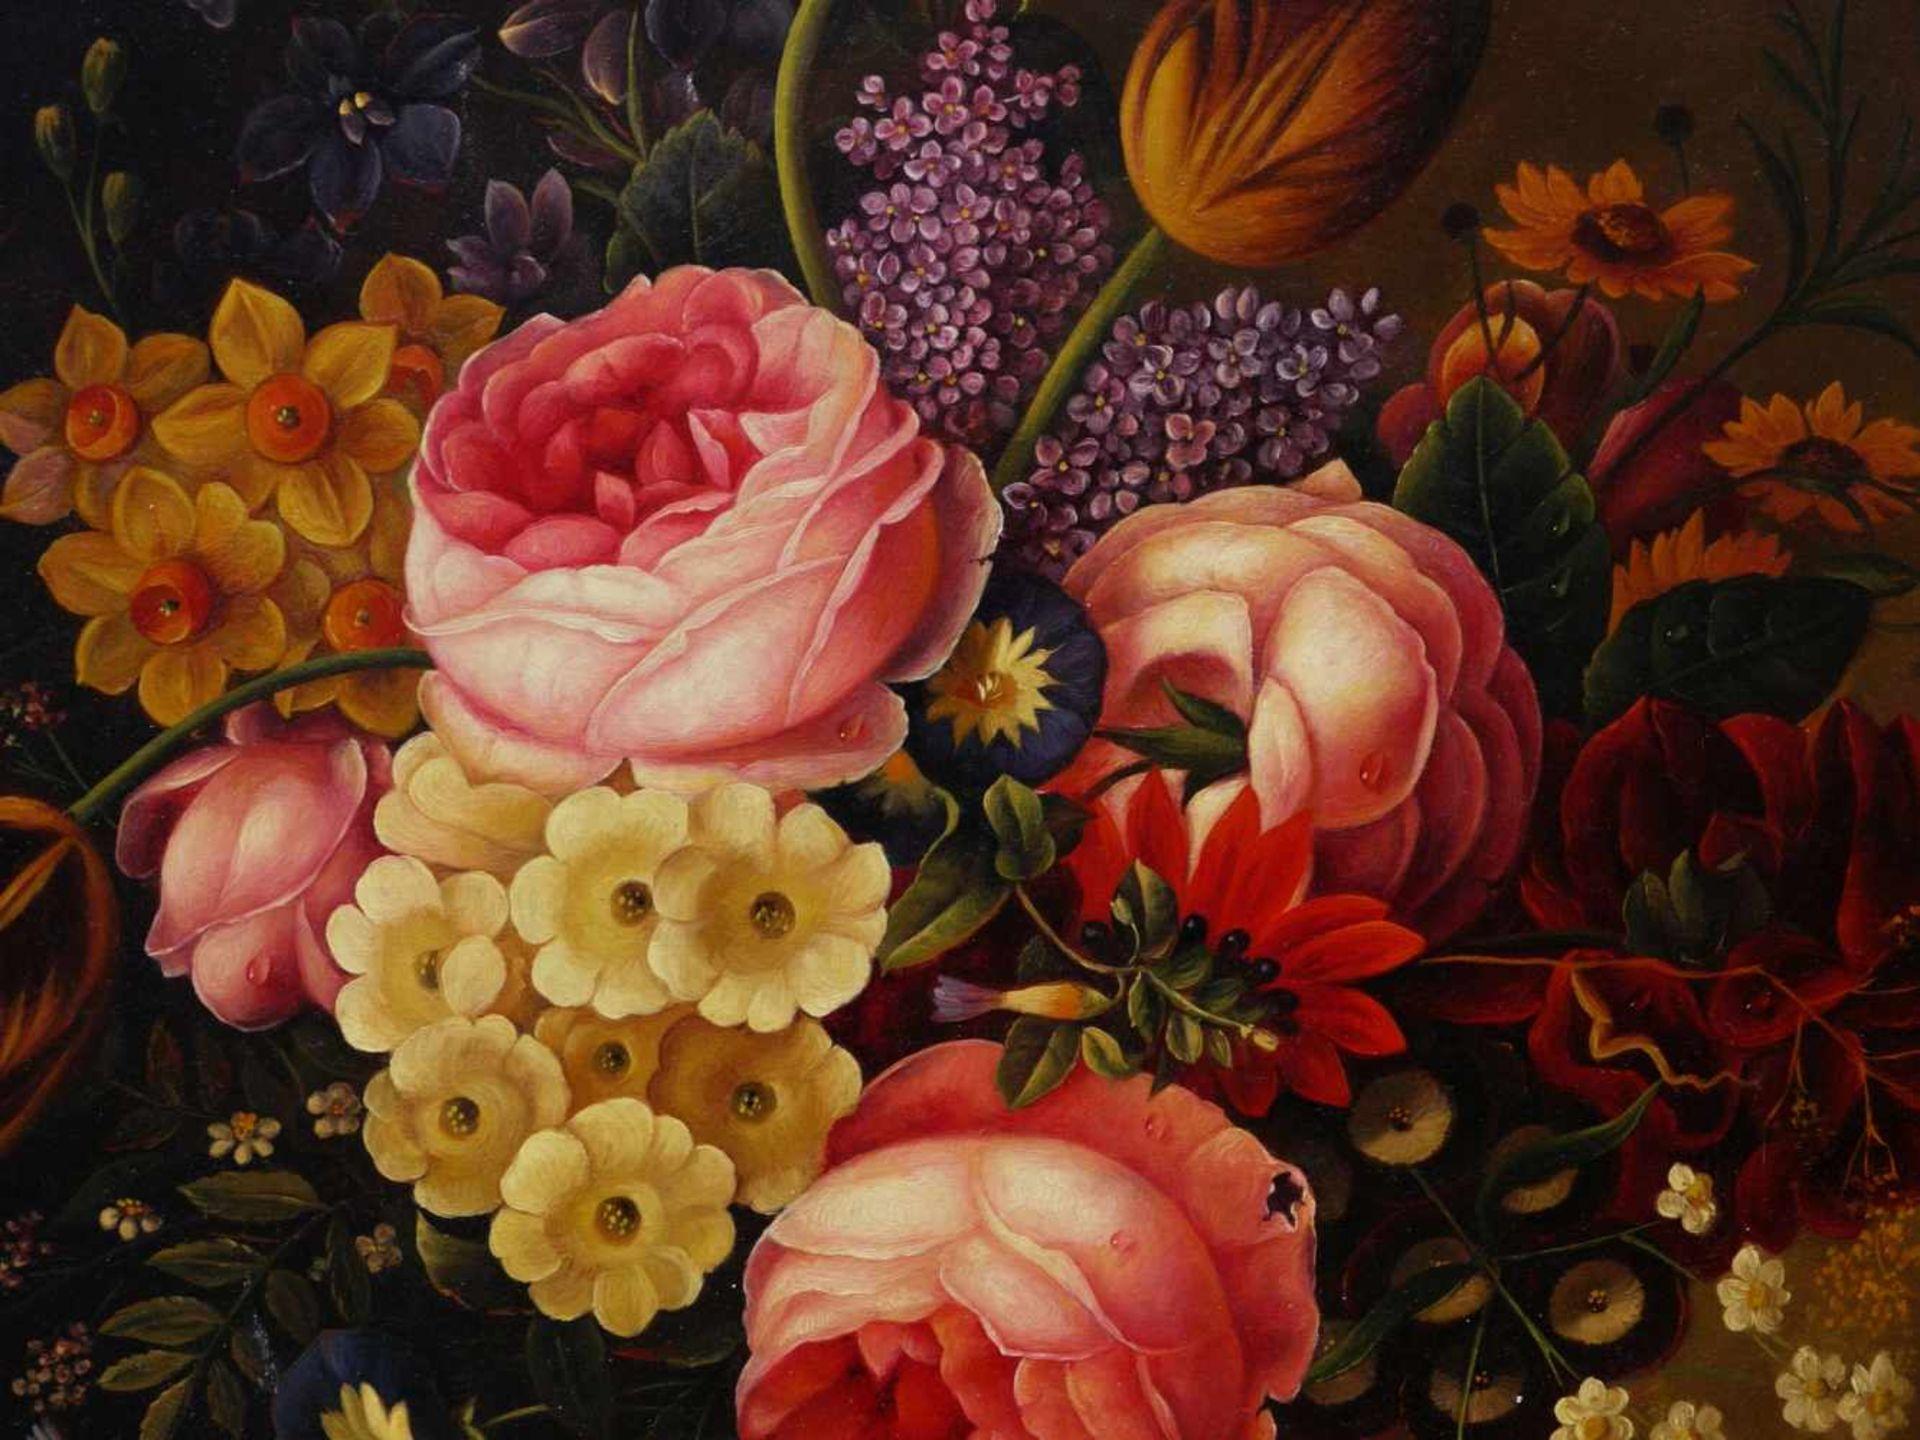 Holstayn, Josef (1930-?) - BlumenstückFeinste Malerei in typischer Manier des Künstler. Meisterhafte - Bild 2 aus 10